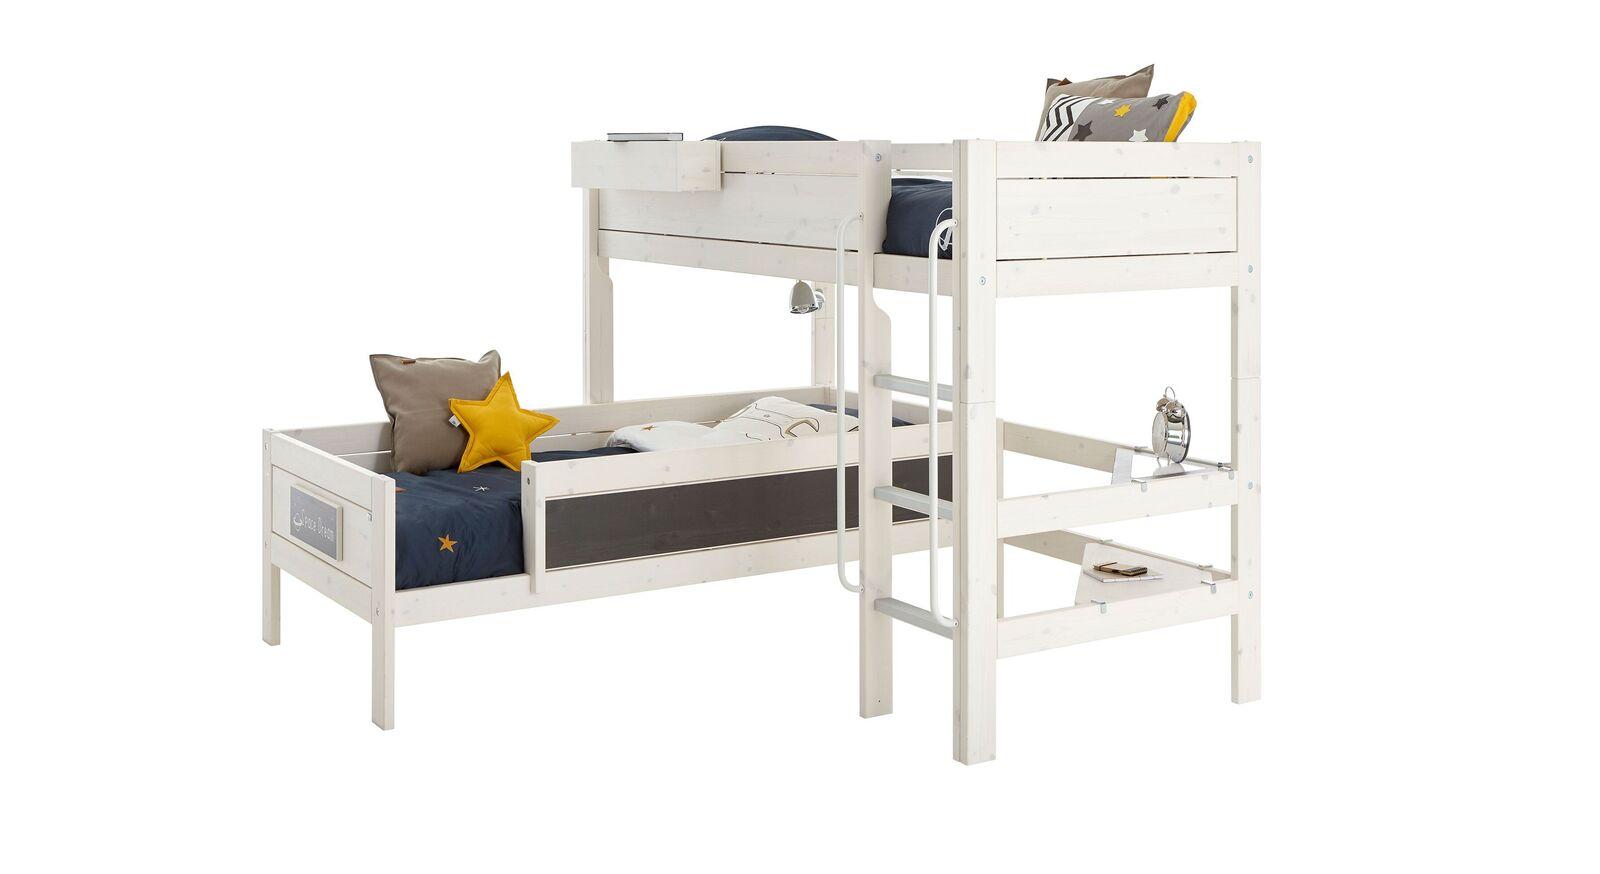 LIFETIME Eckt-Etagenbett Original aus weiß lasiertem Holz